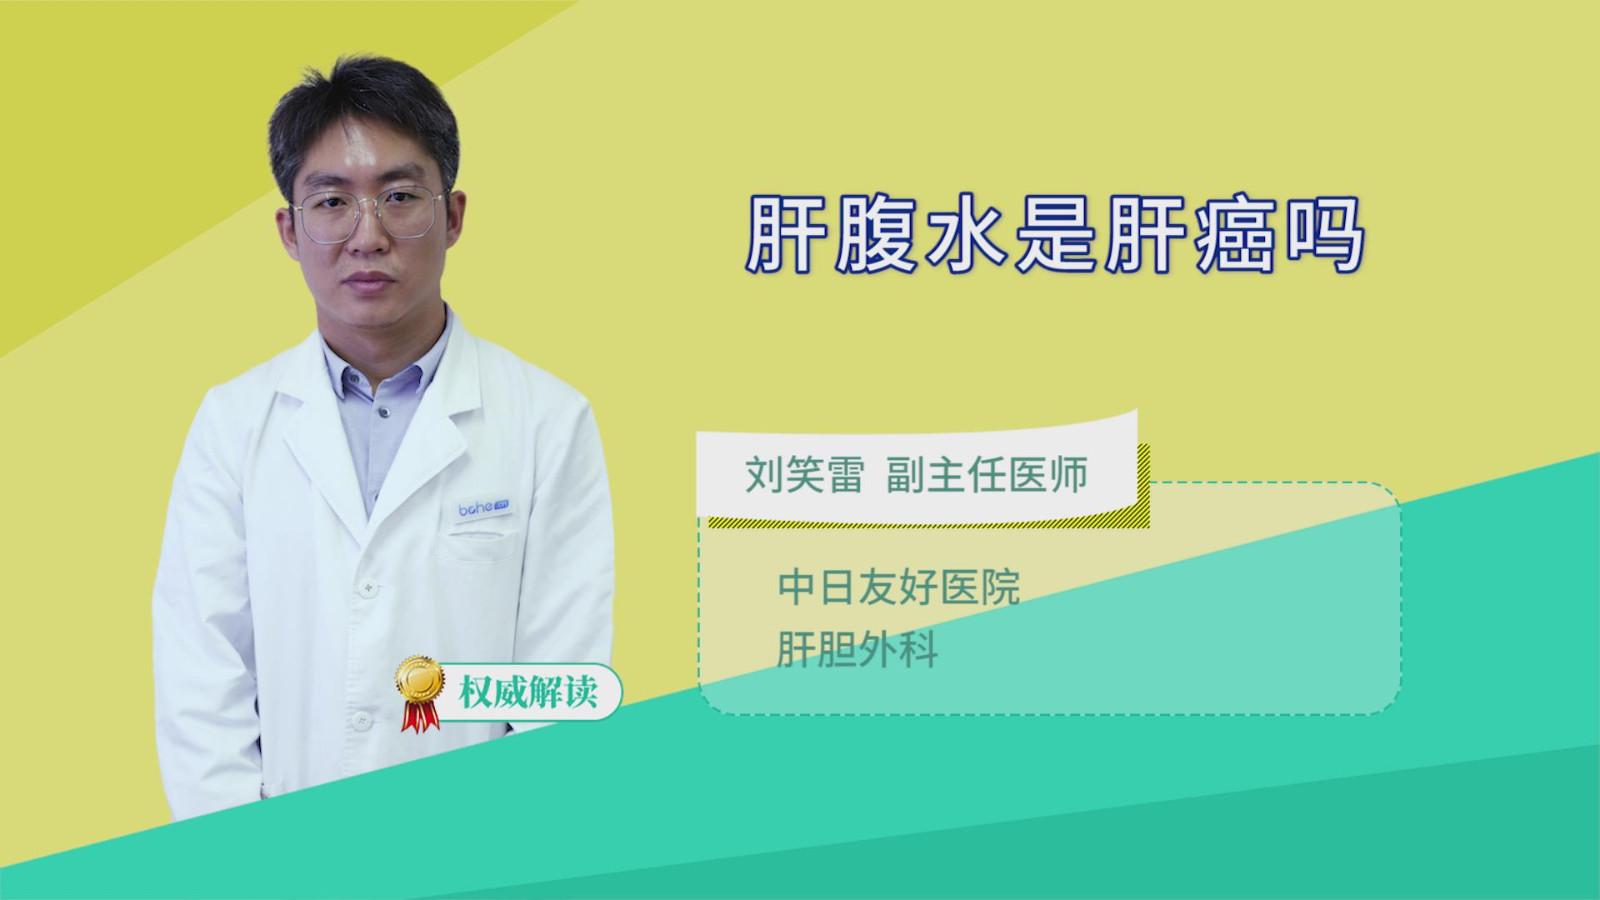 肝腹水是肝癌吗